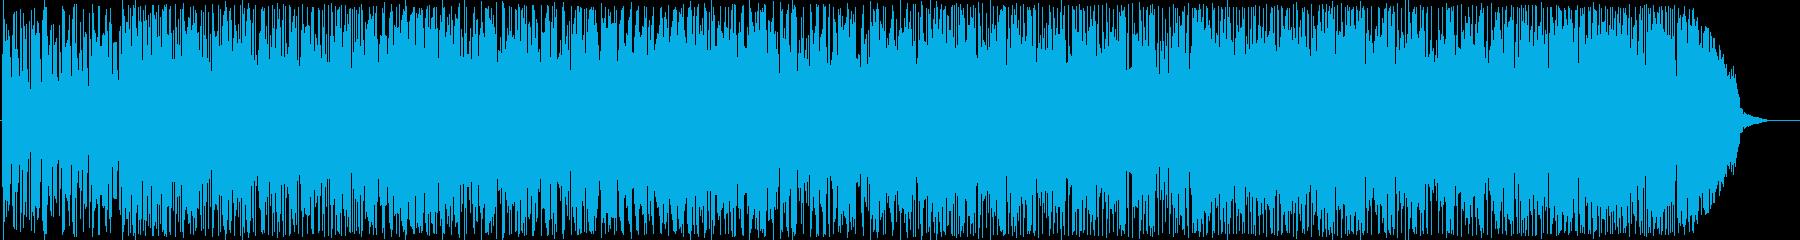 ポップで楽しい打楽器サウンドの再生済みの波形